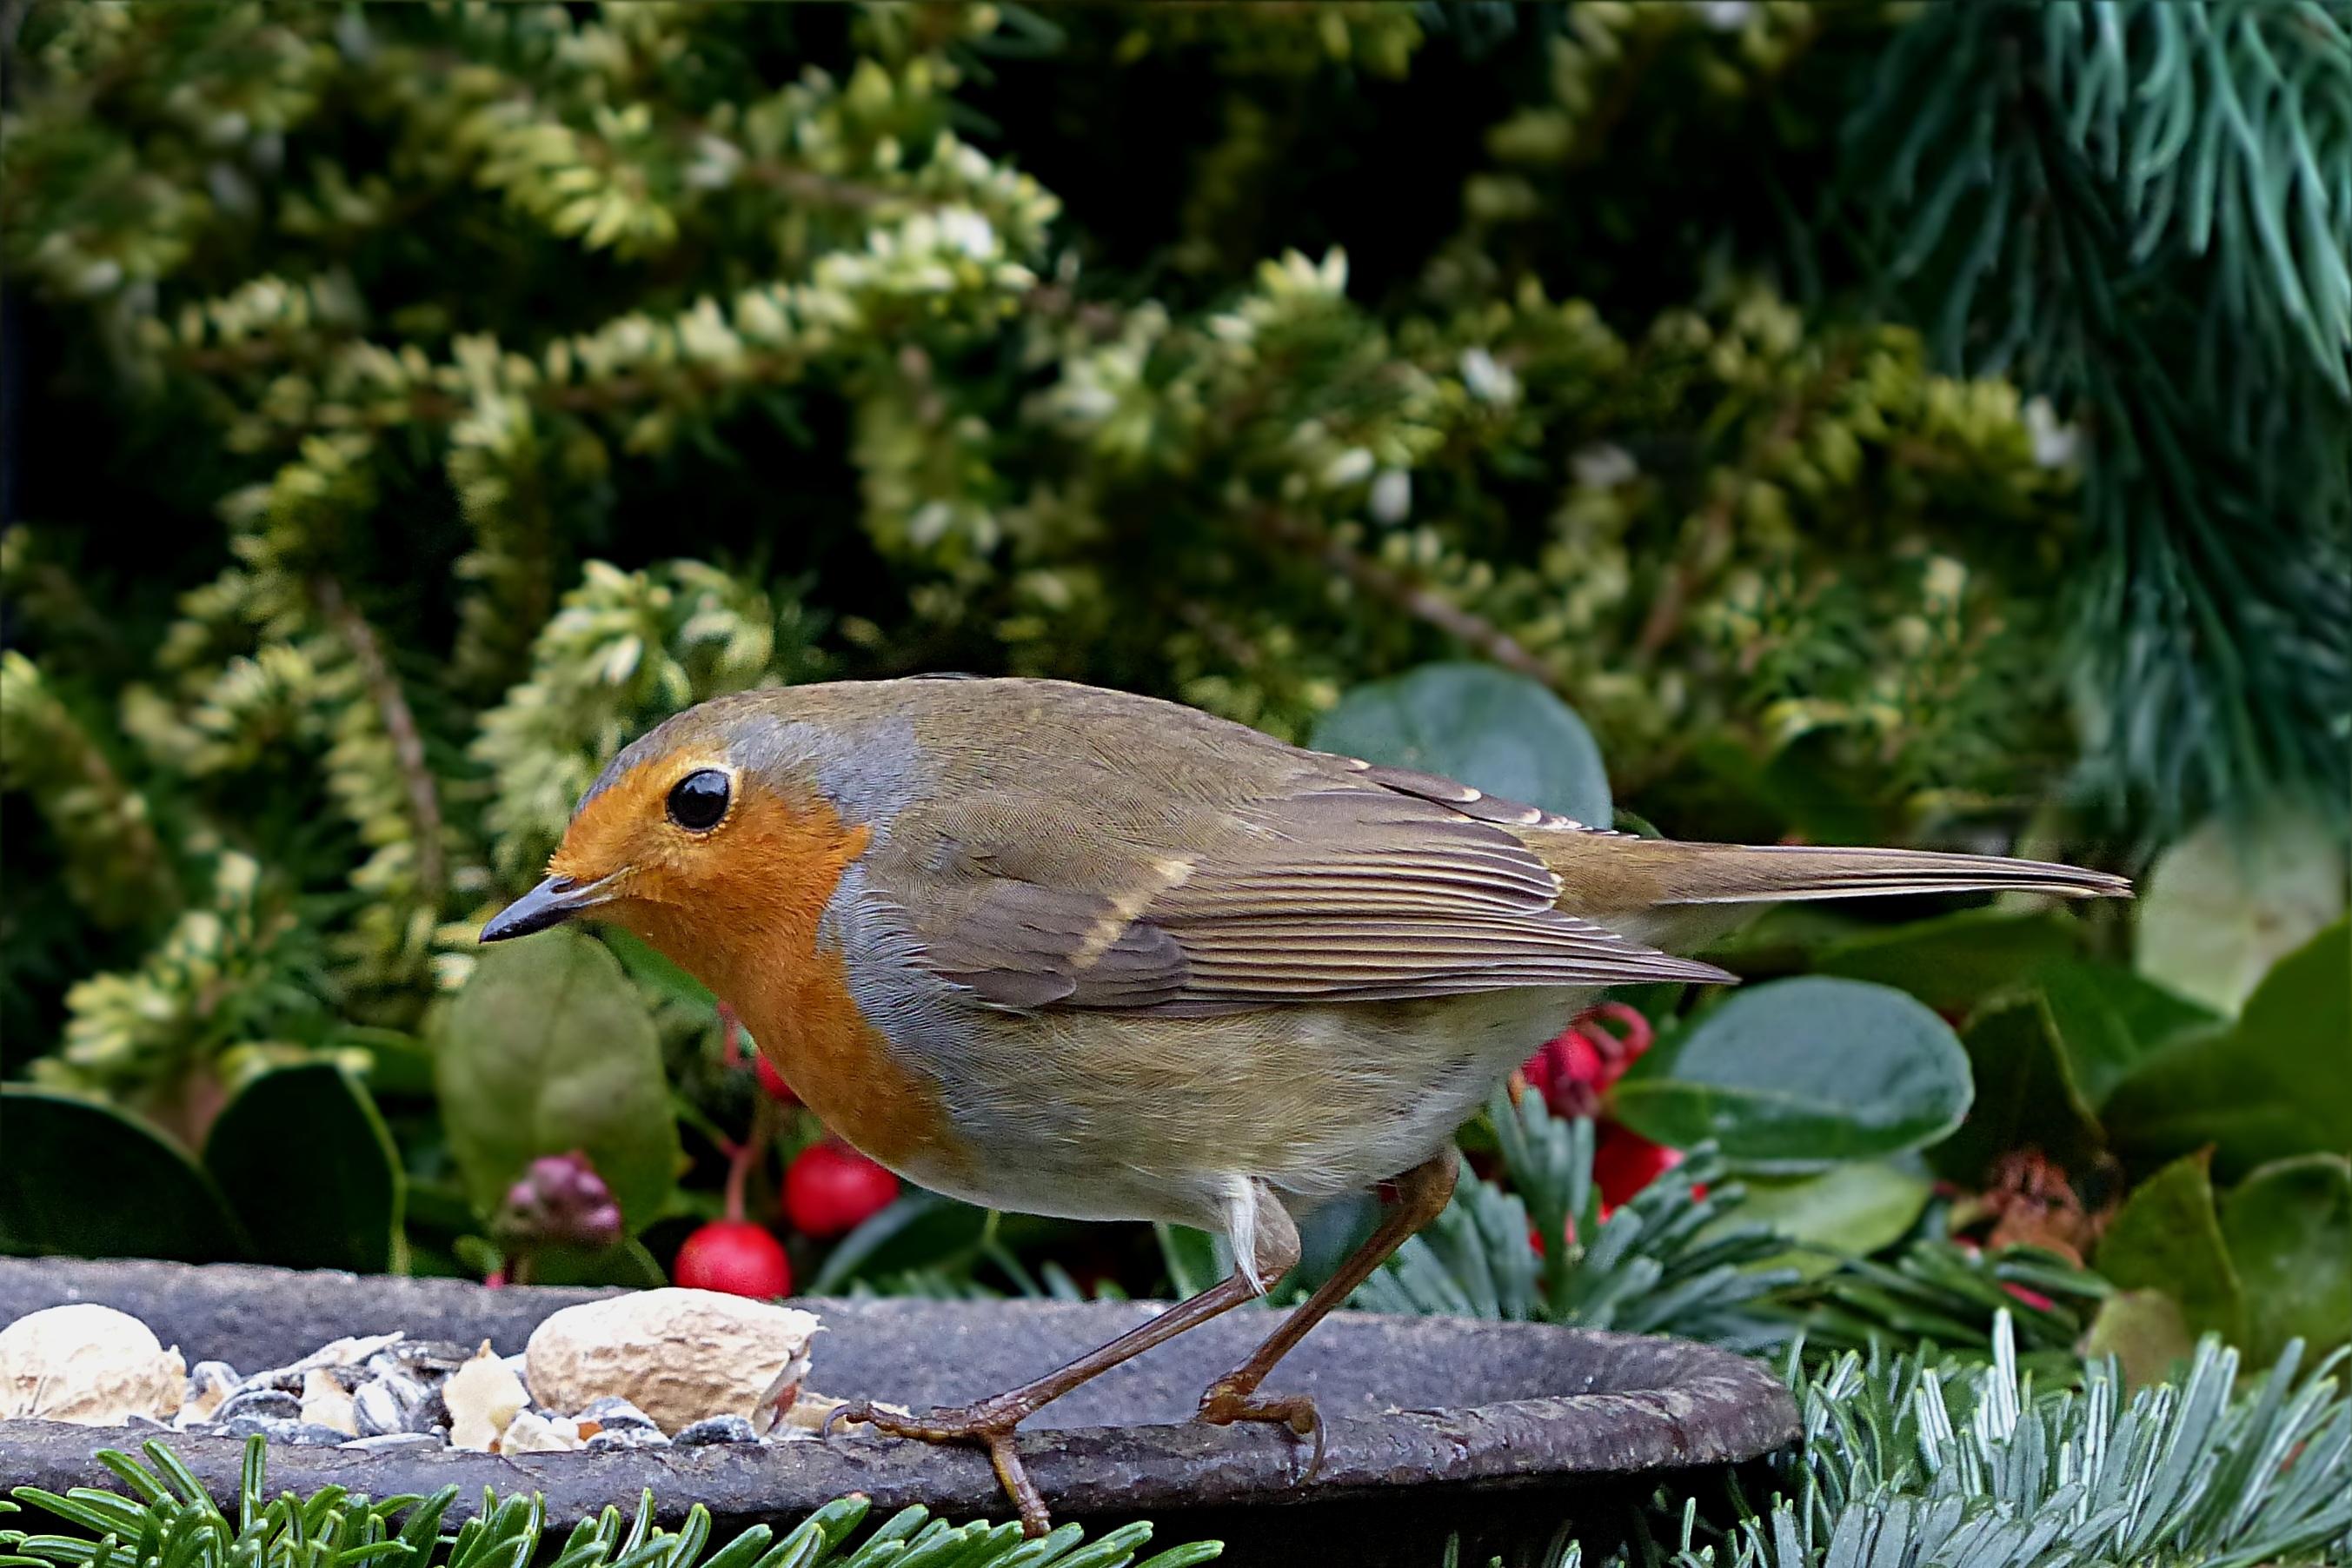 обязательное условие садовые птицы фото и названия условно-съедобный гриб значит